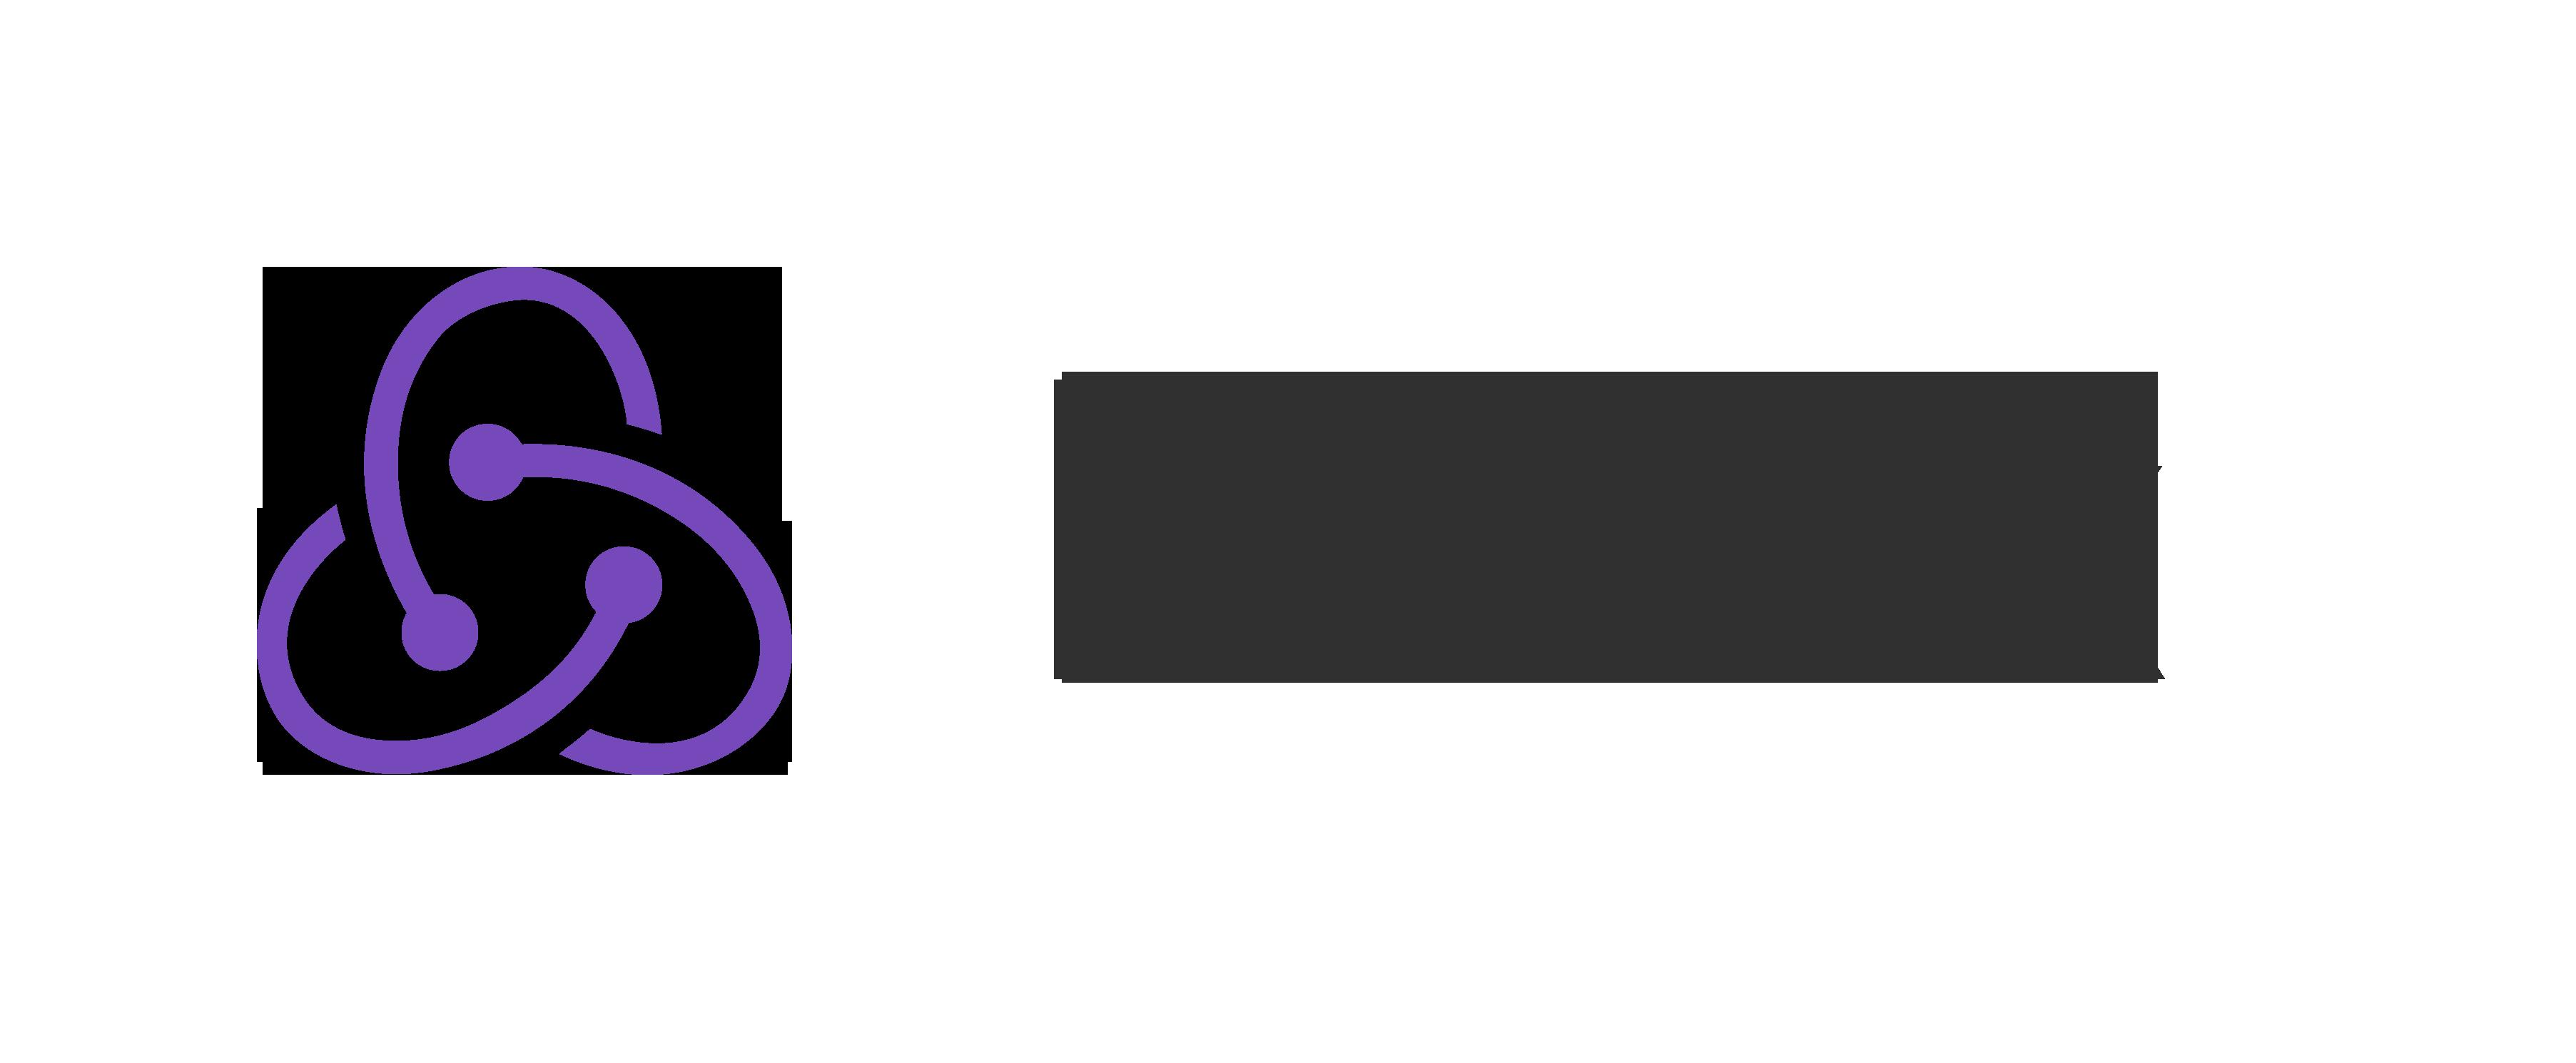 react و redux در کنار هم